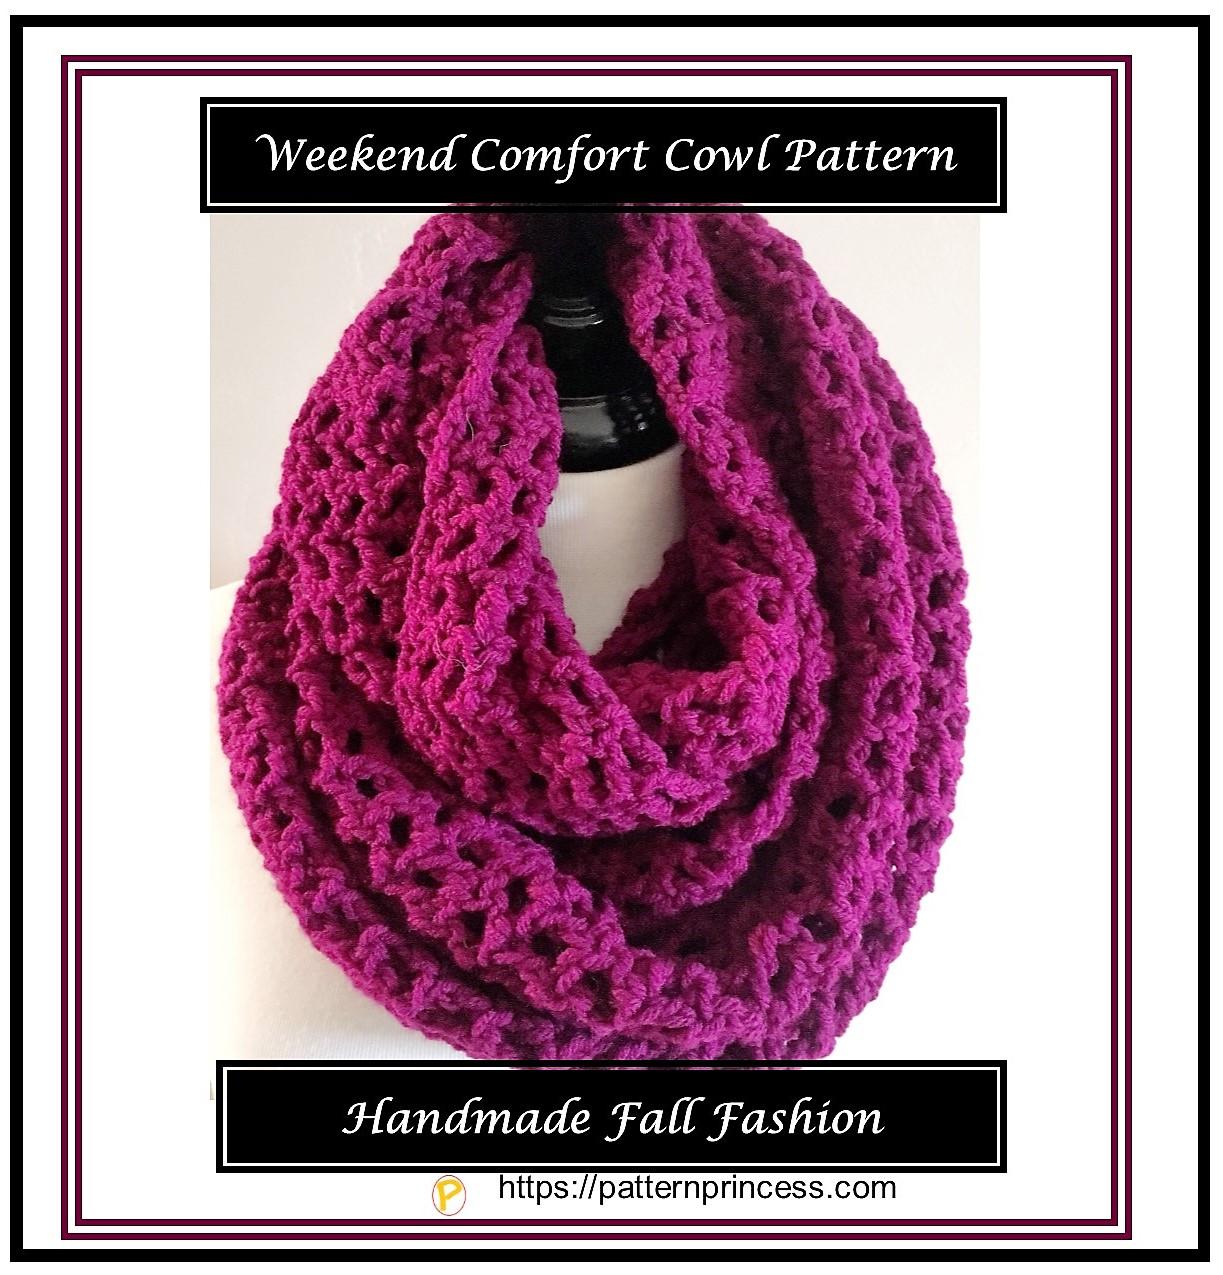 Weekend Comfort Cowl Pattern 1